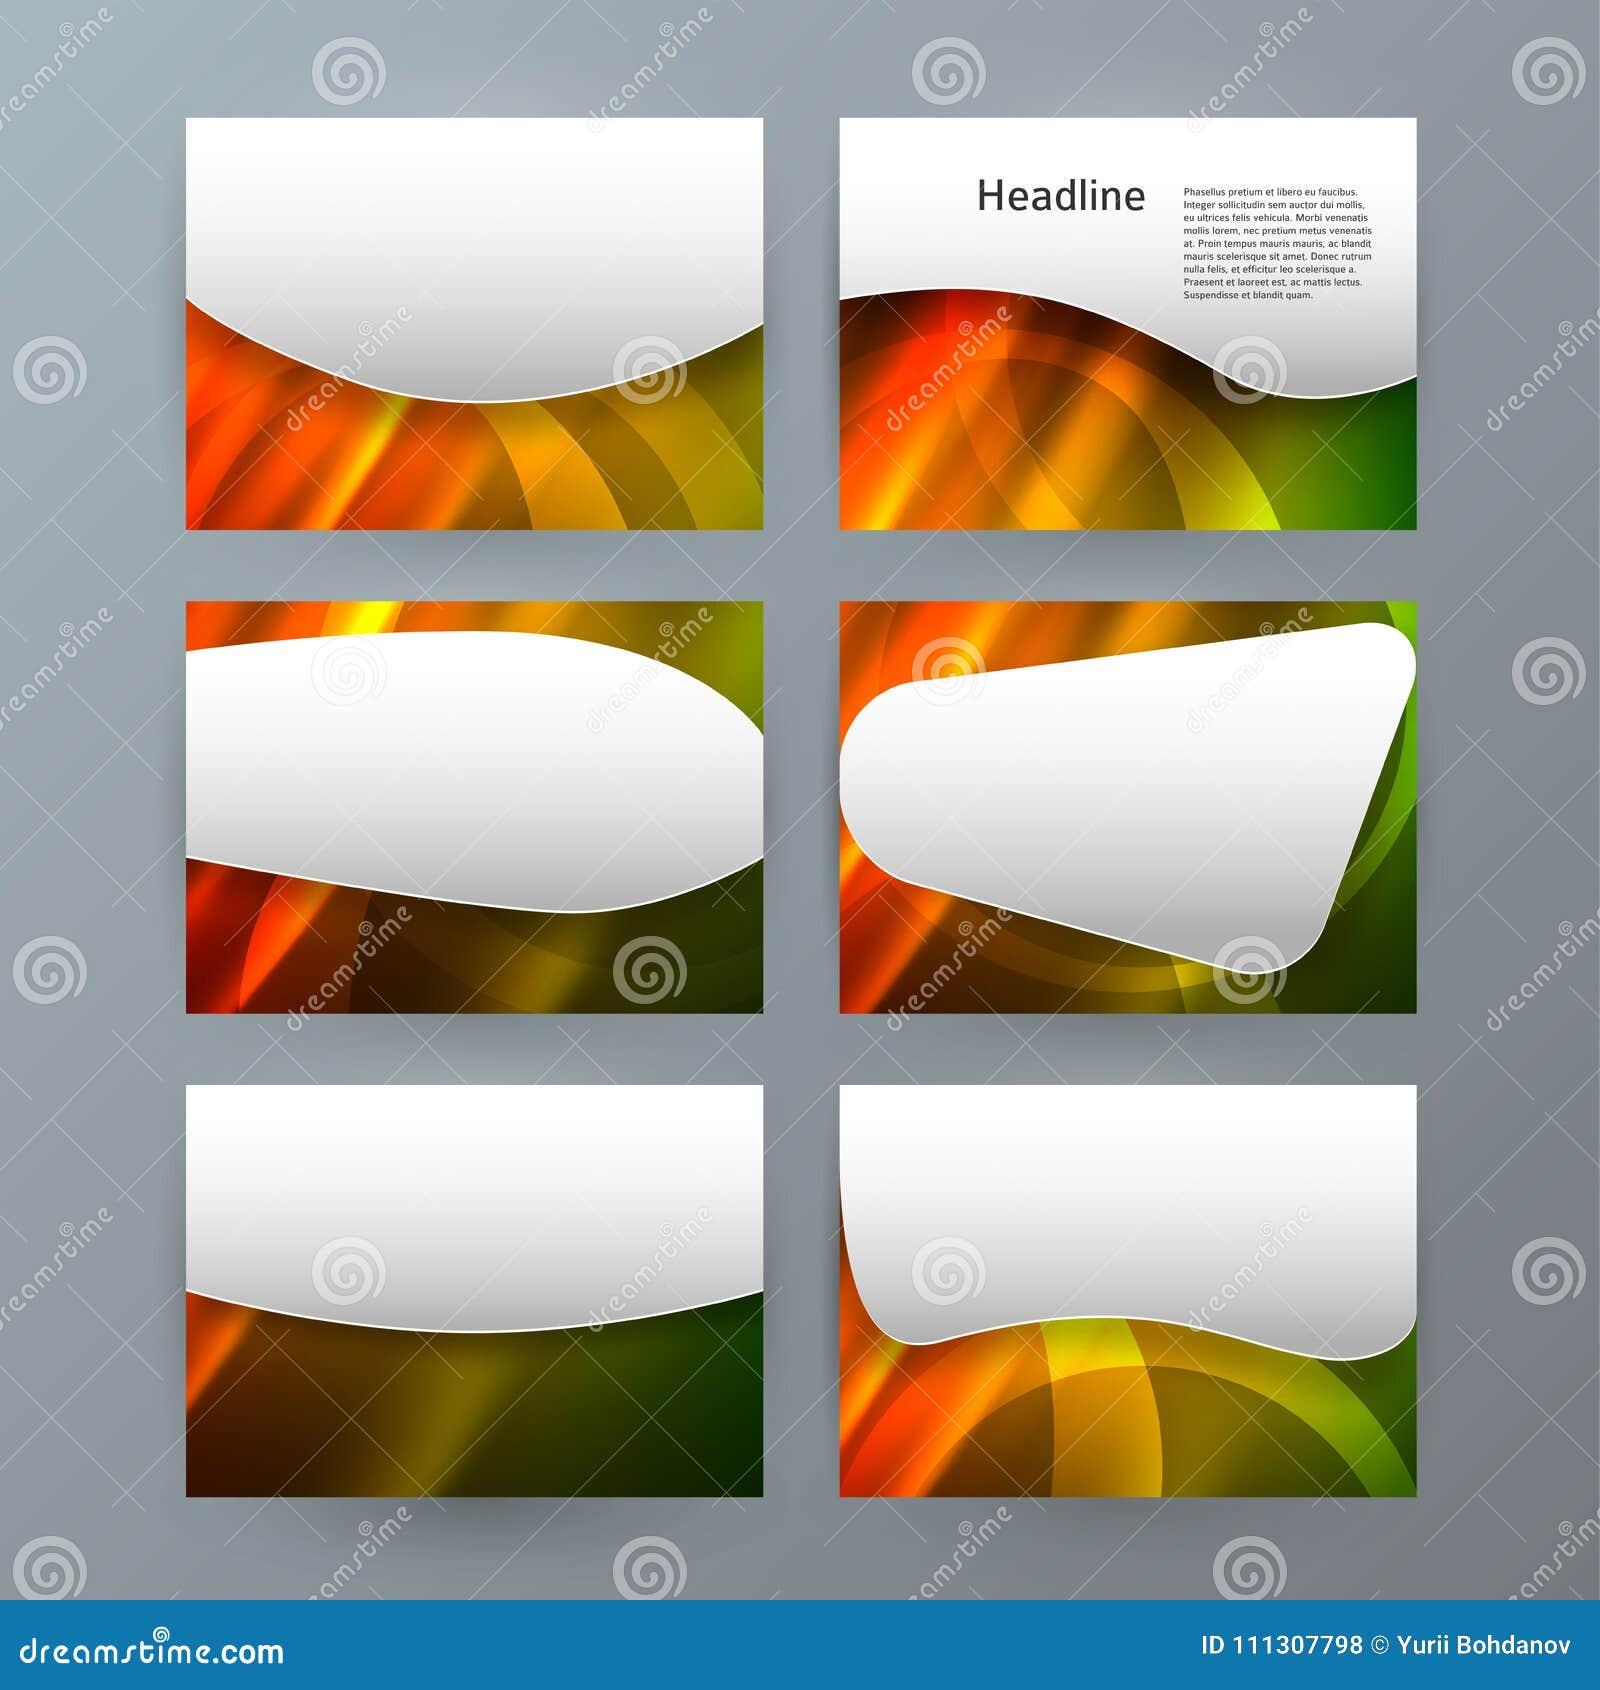 Fije El Folleto Horizontal PowerPoint Slide1 De La Presentación De ...